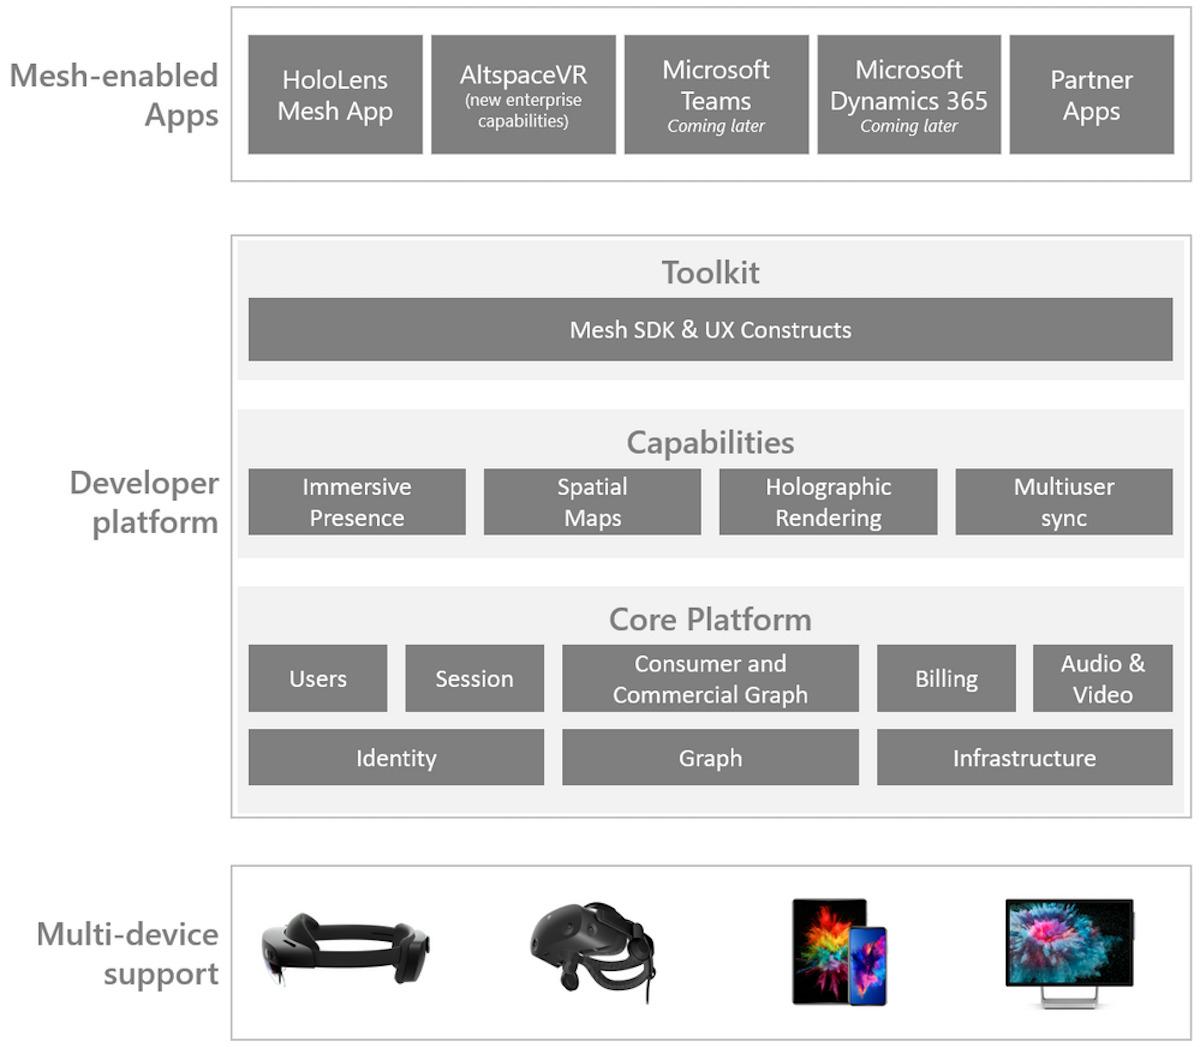 arquitectura de malla de microsoft